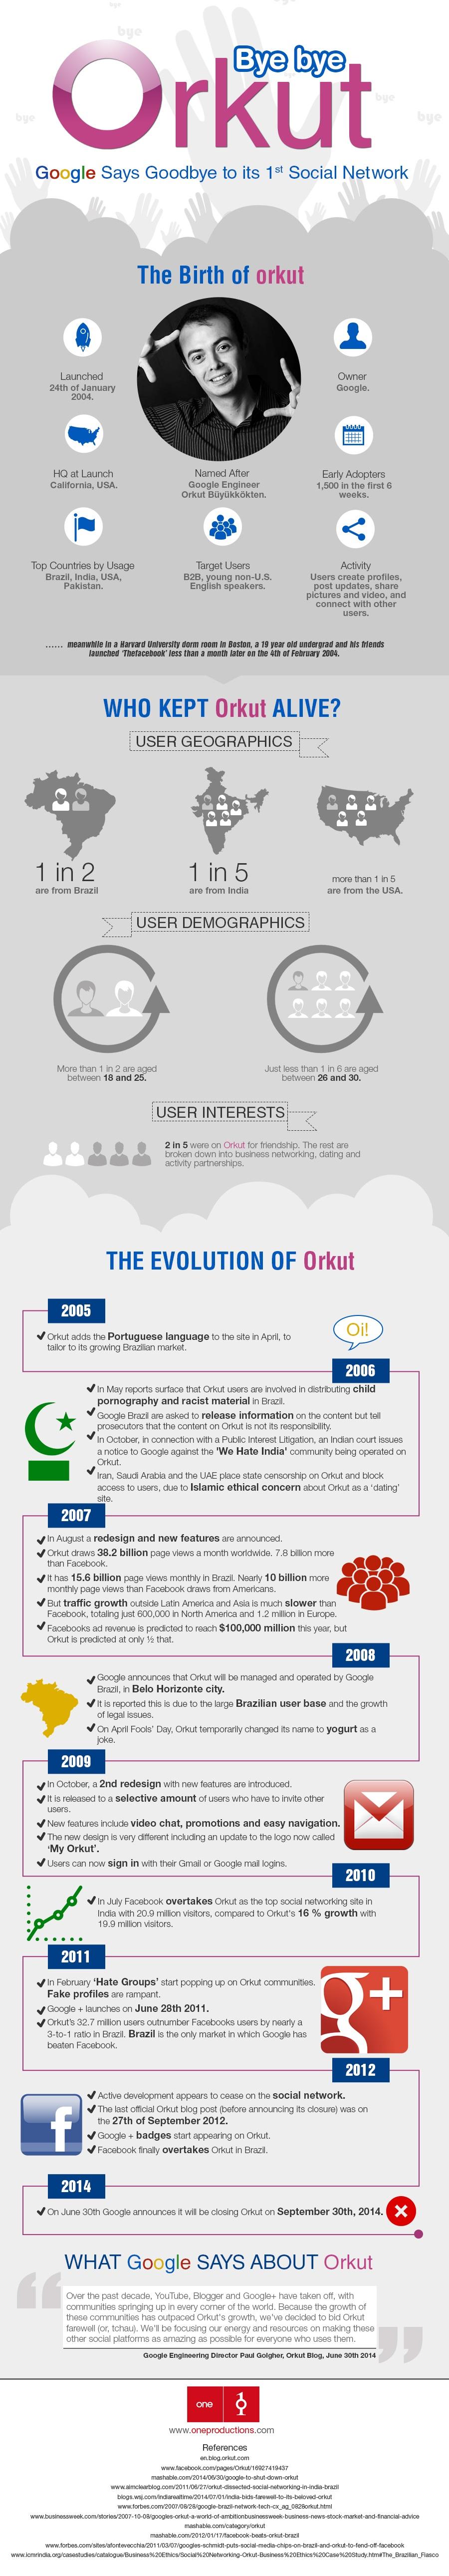 orkut bye bye